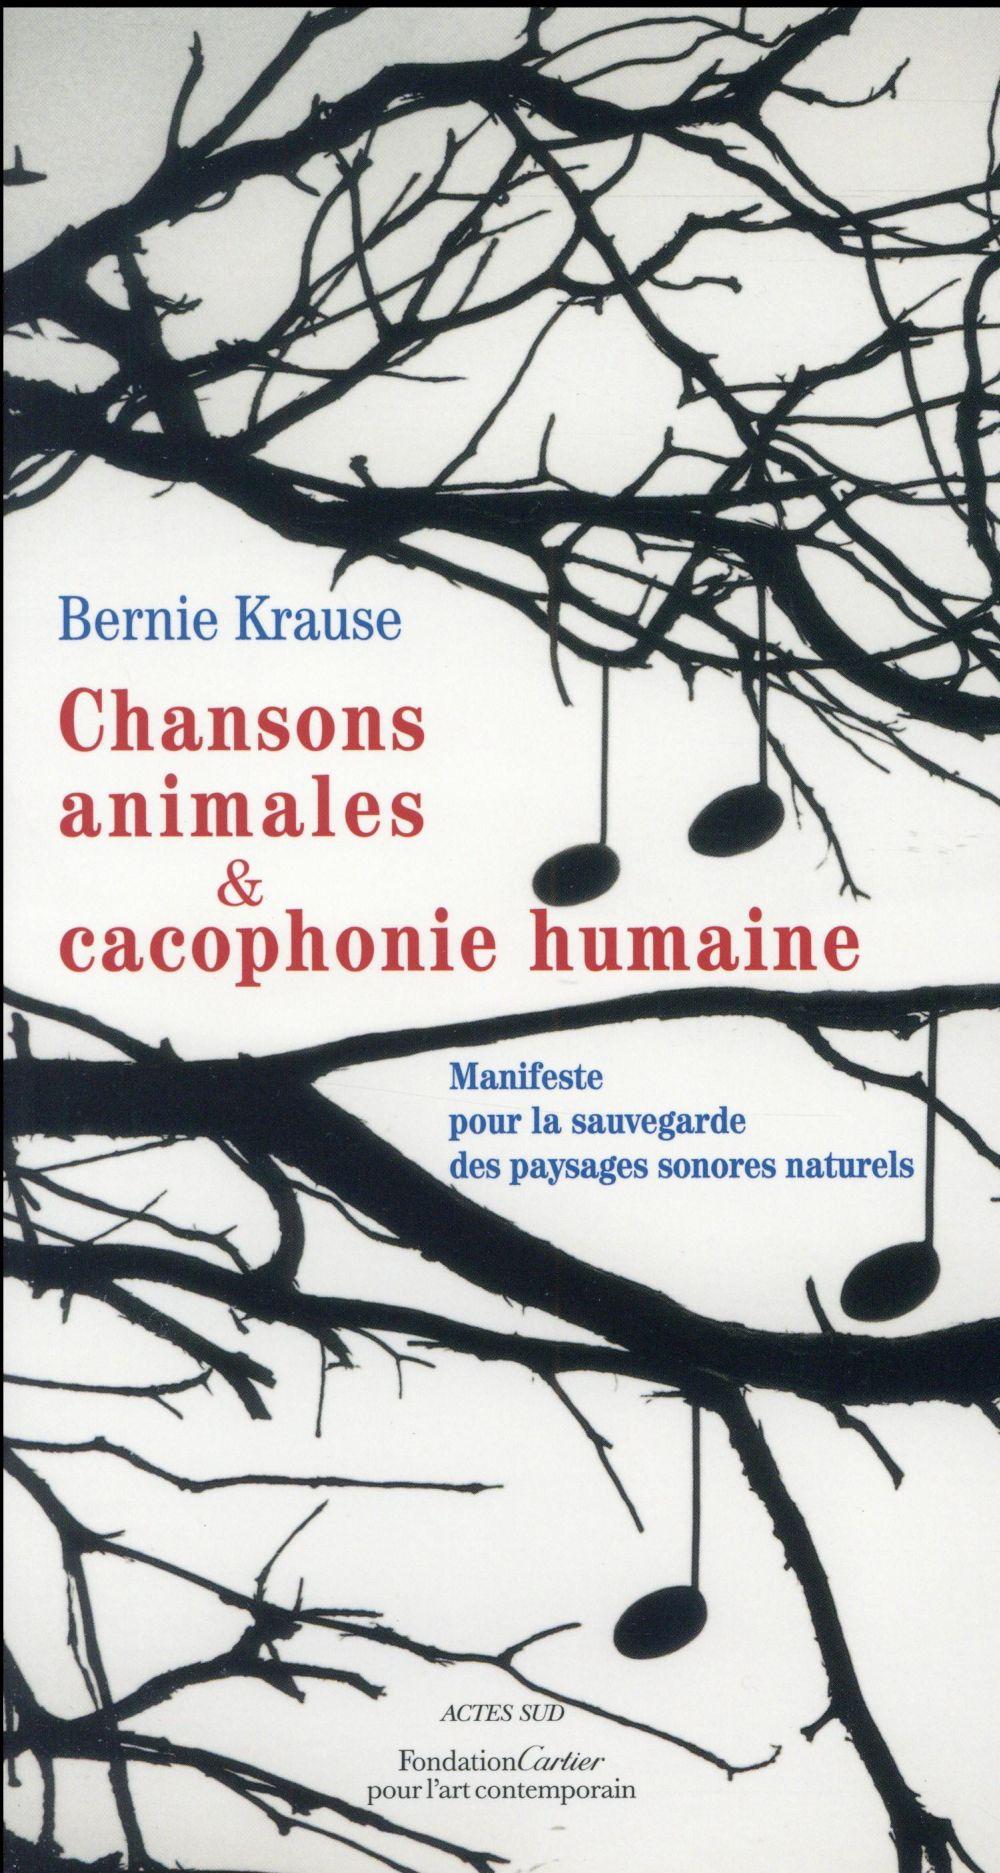 CHANSONS ANIMALES ET CACOPHONIE HUMAINE - MANIFESTE POUR LA SAUVEGARDE DES PAYSAGES SONORES NATURELS